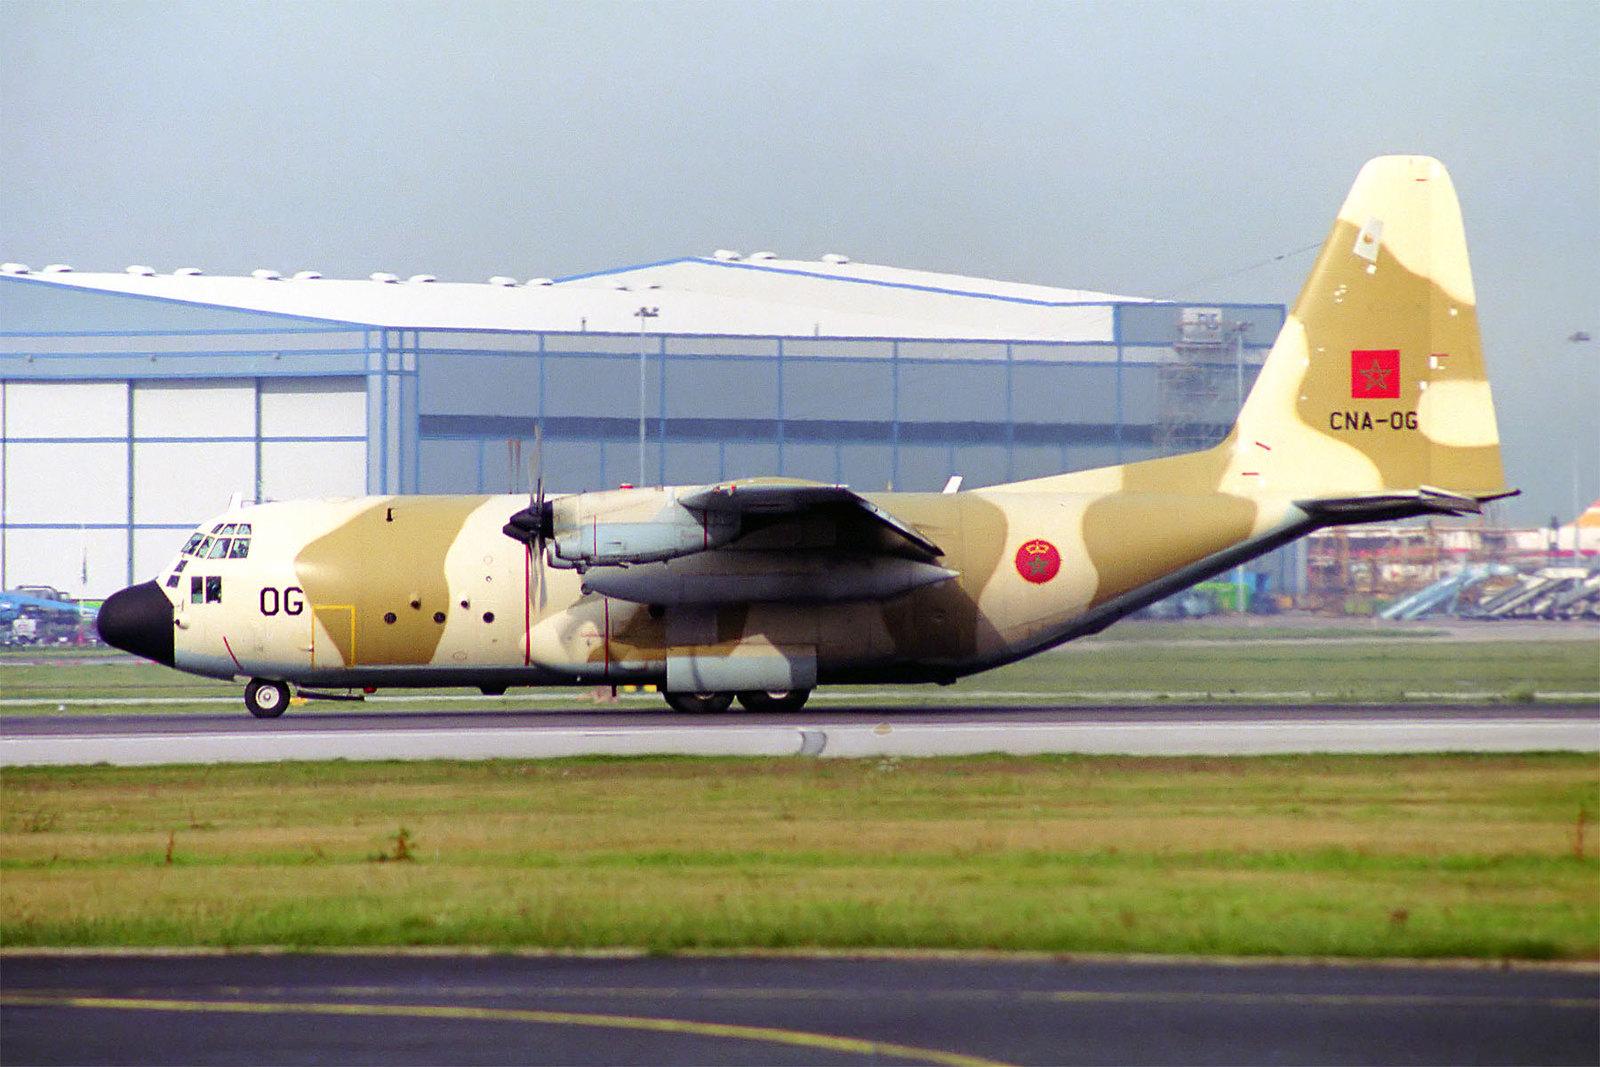 طائرات النقل العاملة بالقوات المسلحة المغربية - صفحة 2 16581912209_b489aaa5dc_h